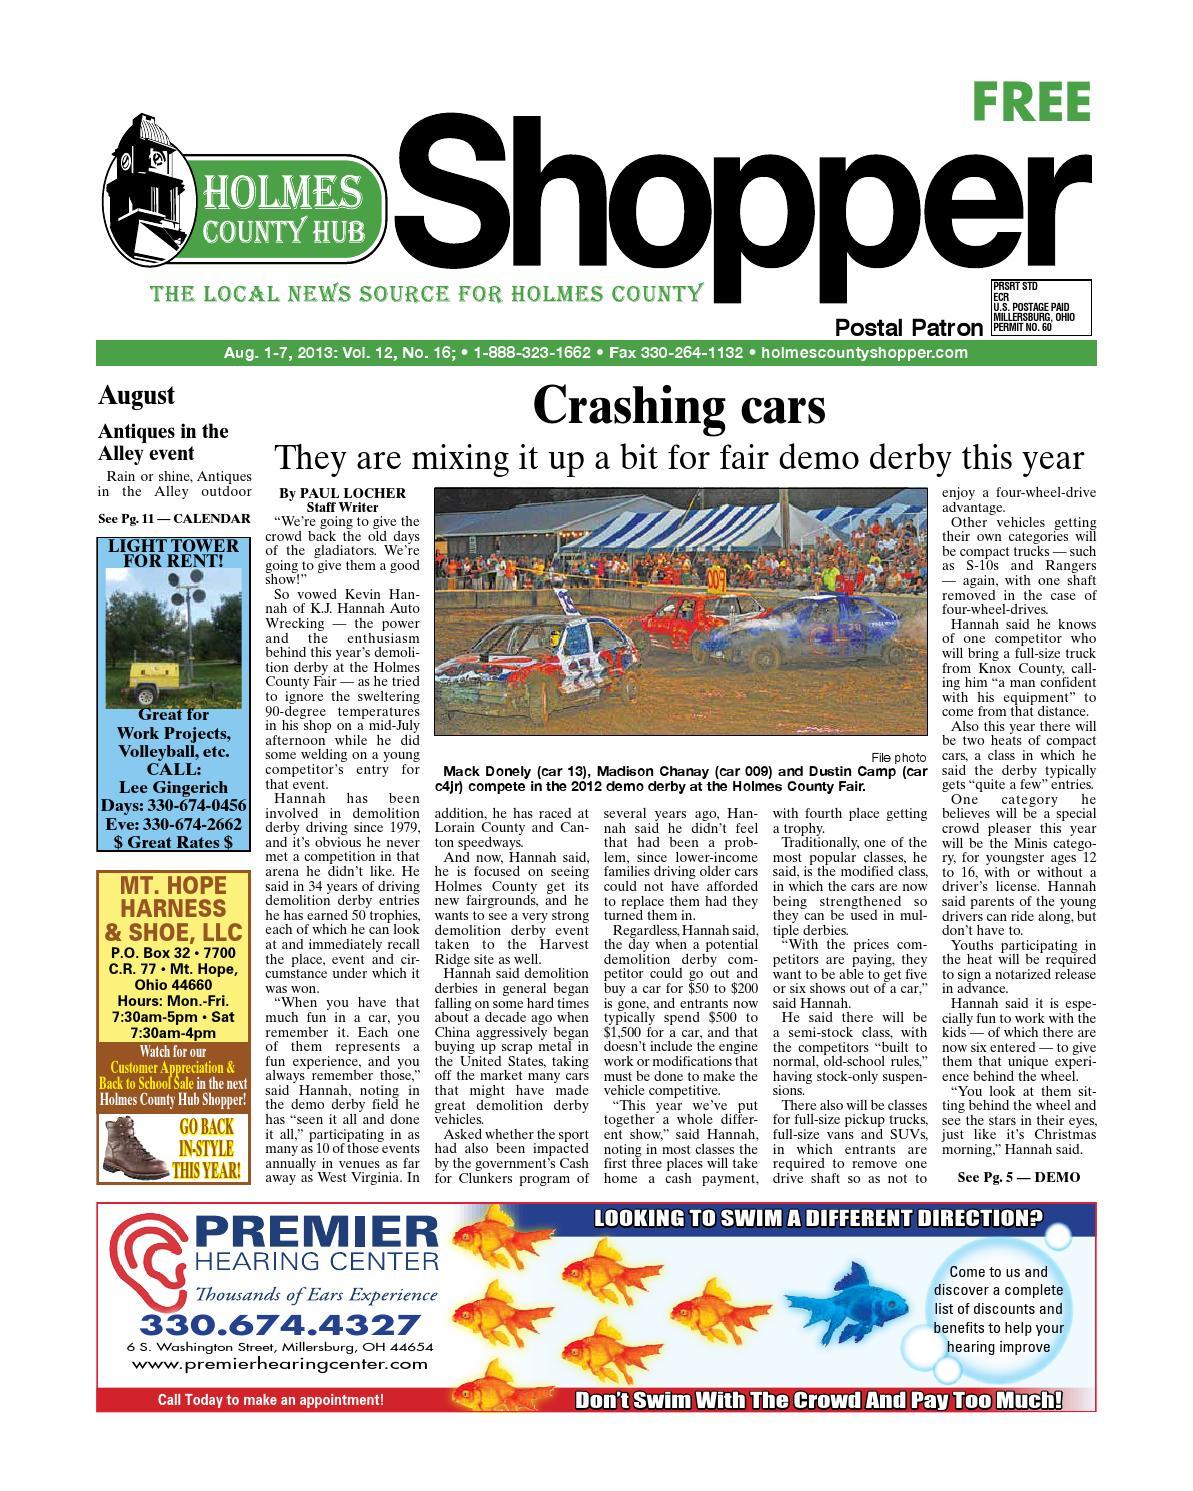 Holmes County Hub Shopper Aug 1 2013 By Gatehouse Media Neo Issuu Body Wiring Diagram For 1946 47 Pontiac Sedan Style 2609